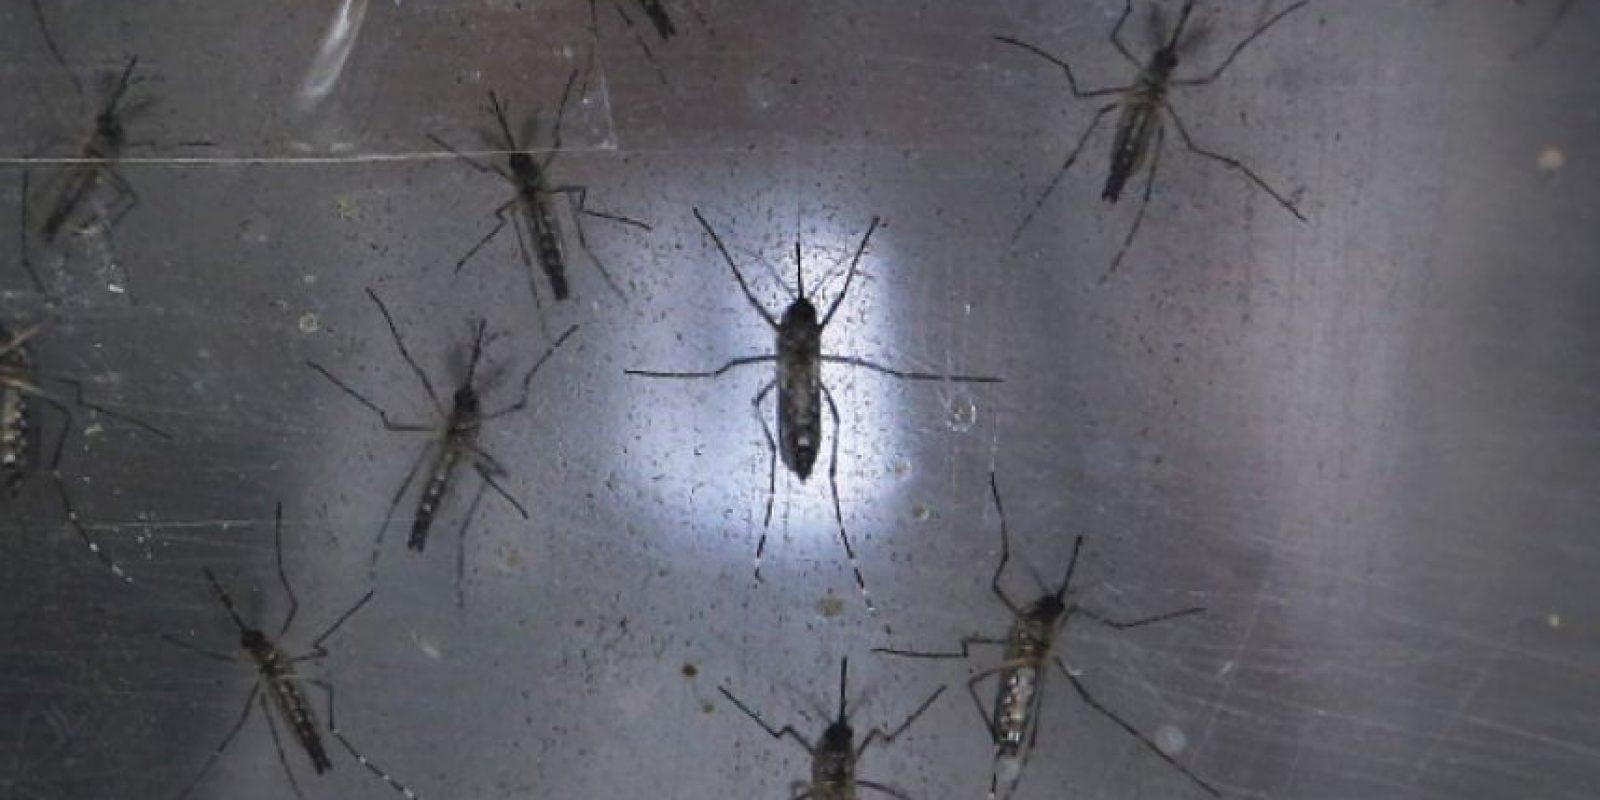 Los insectos pueden transmitir peligrosas enfermedades. Foto:Getty Images